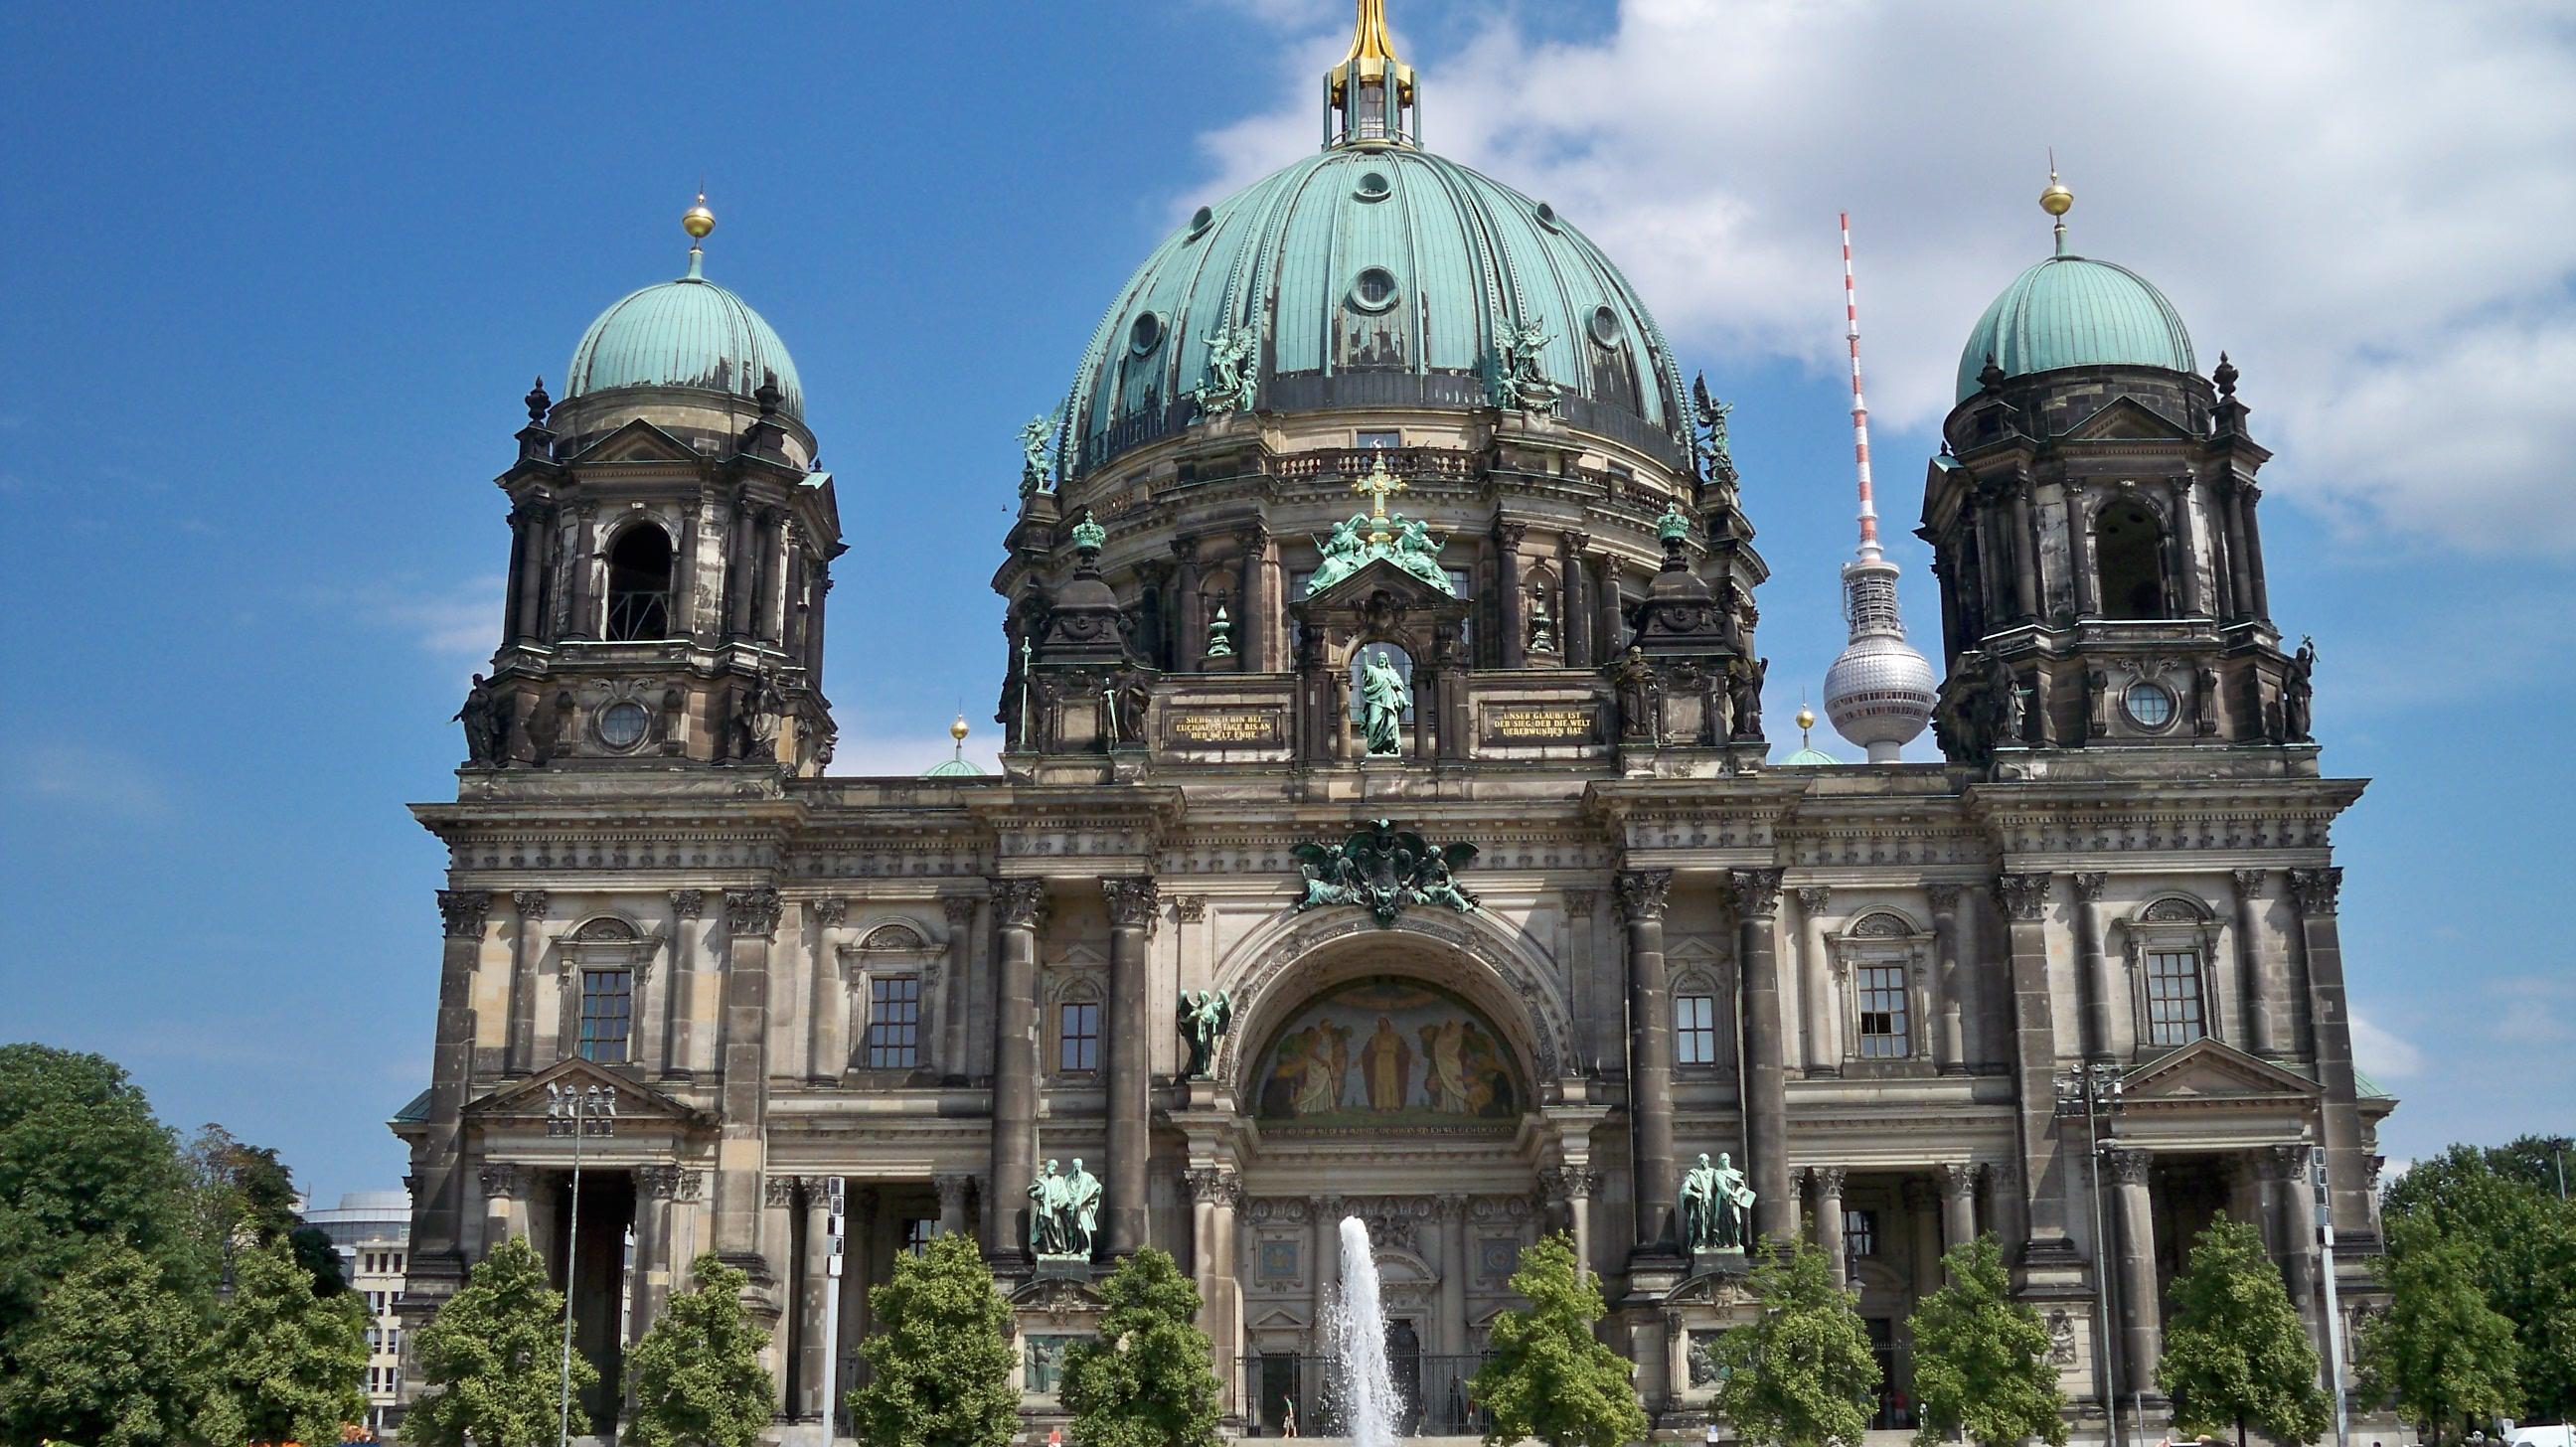 Stadtschloss in Berlin (c) weltvermessen.de